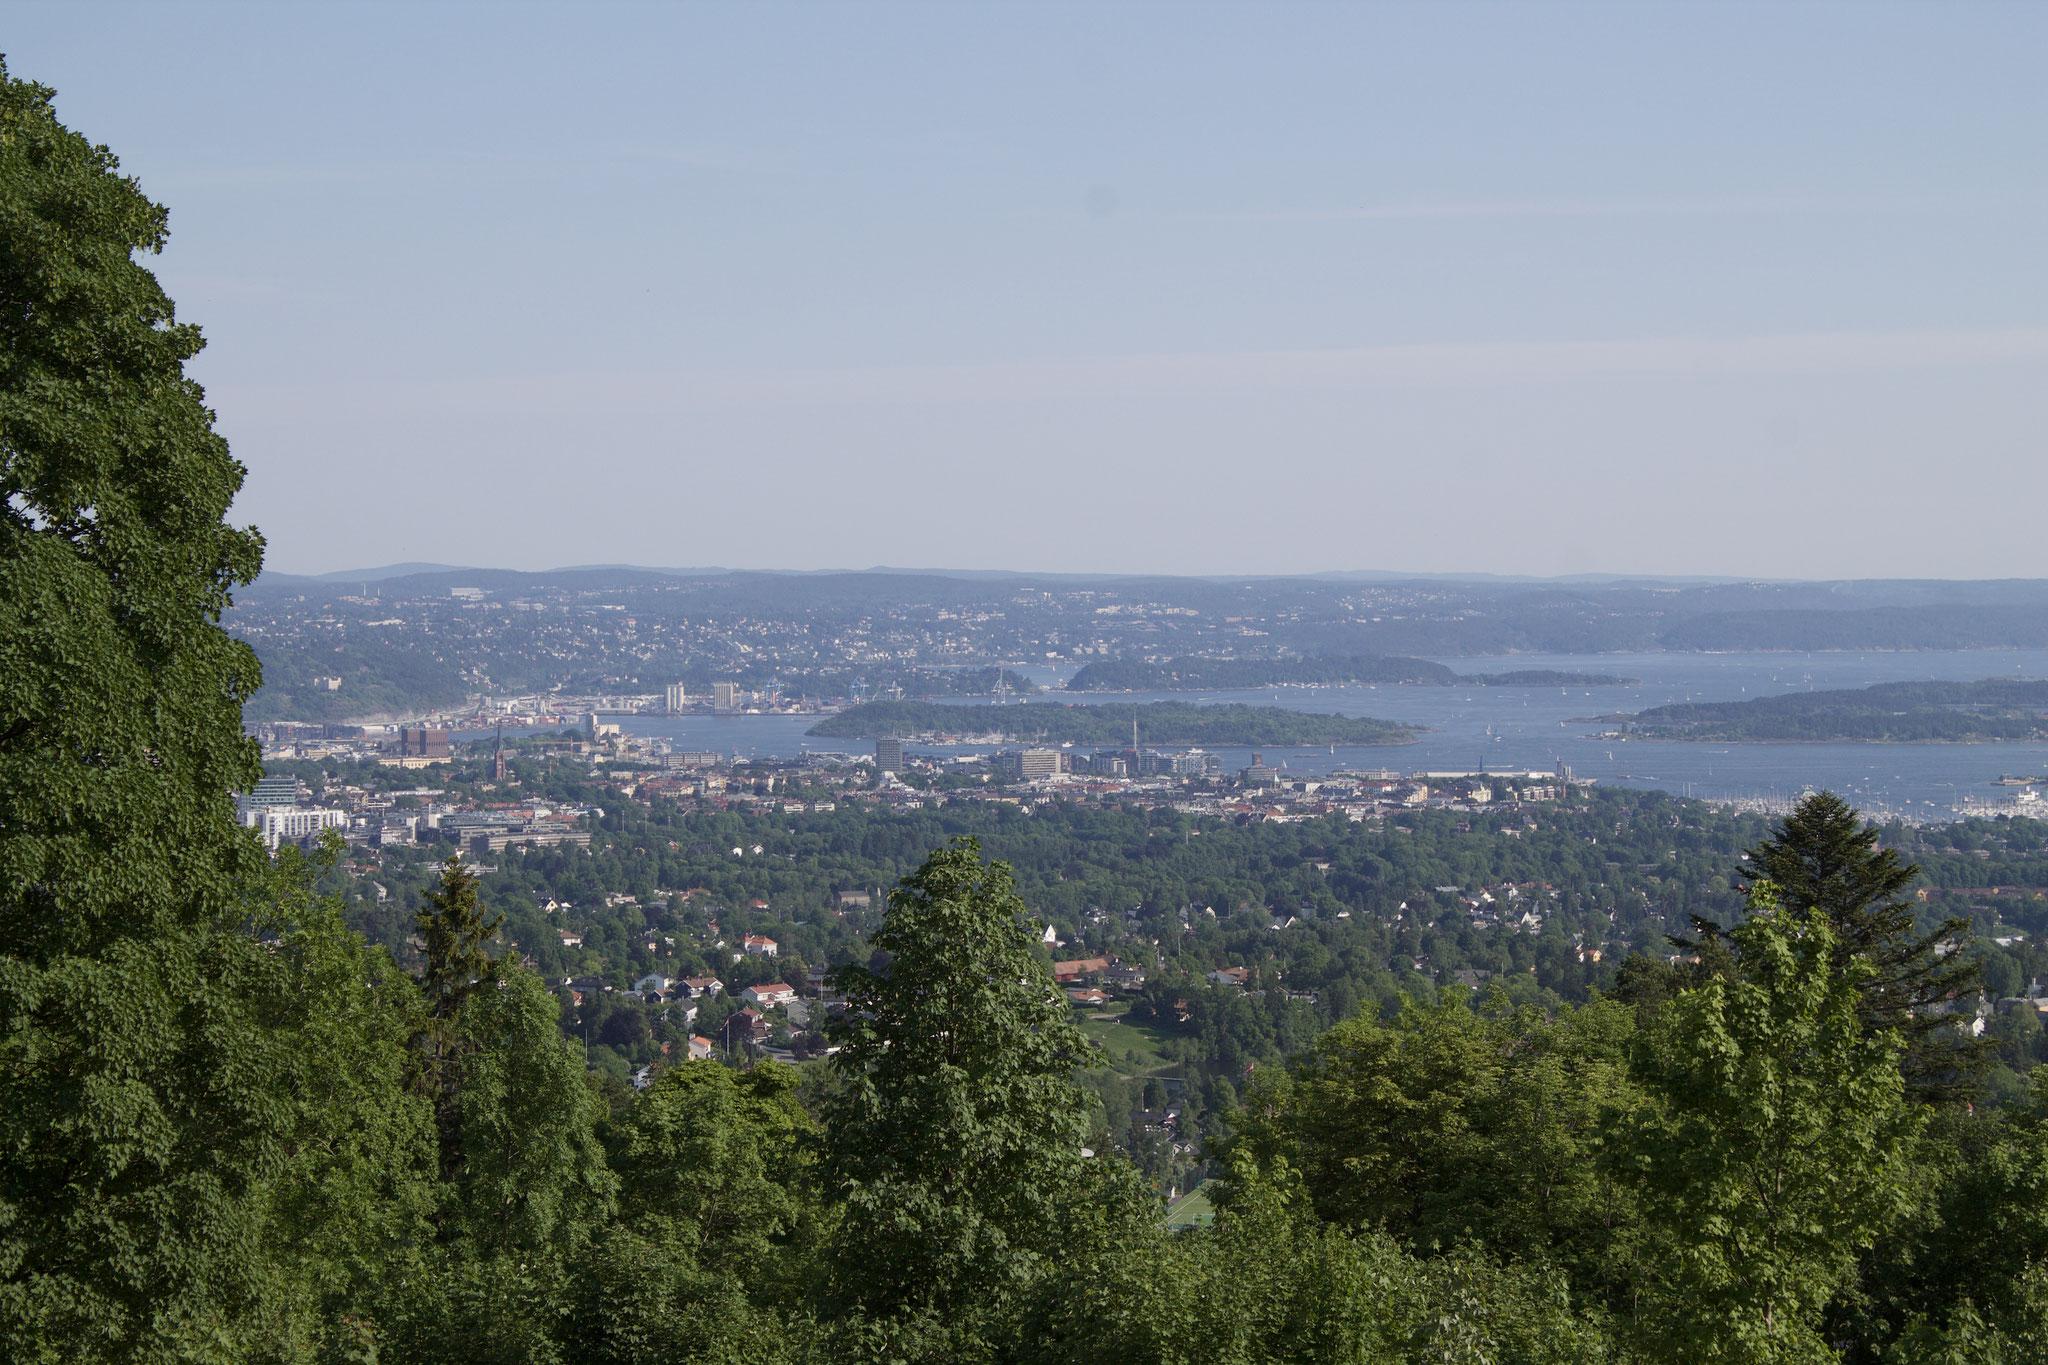 Aussicht auf Oslo